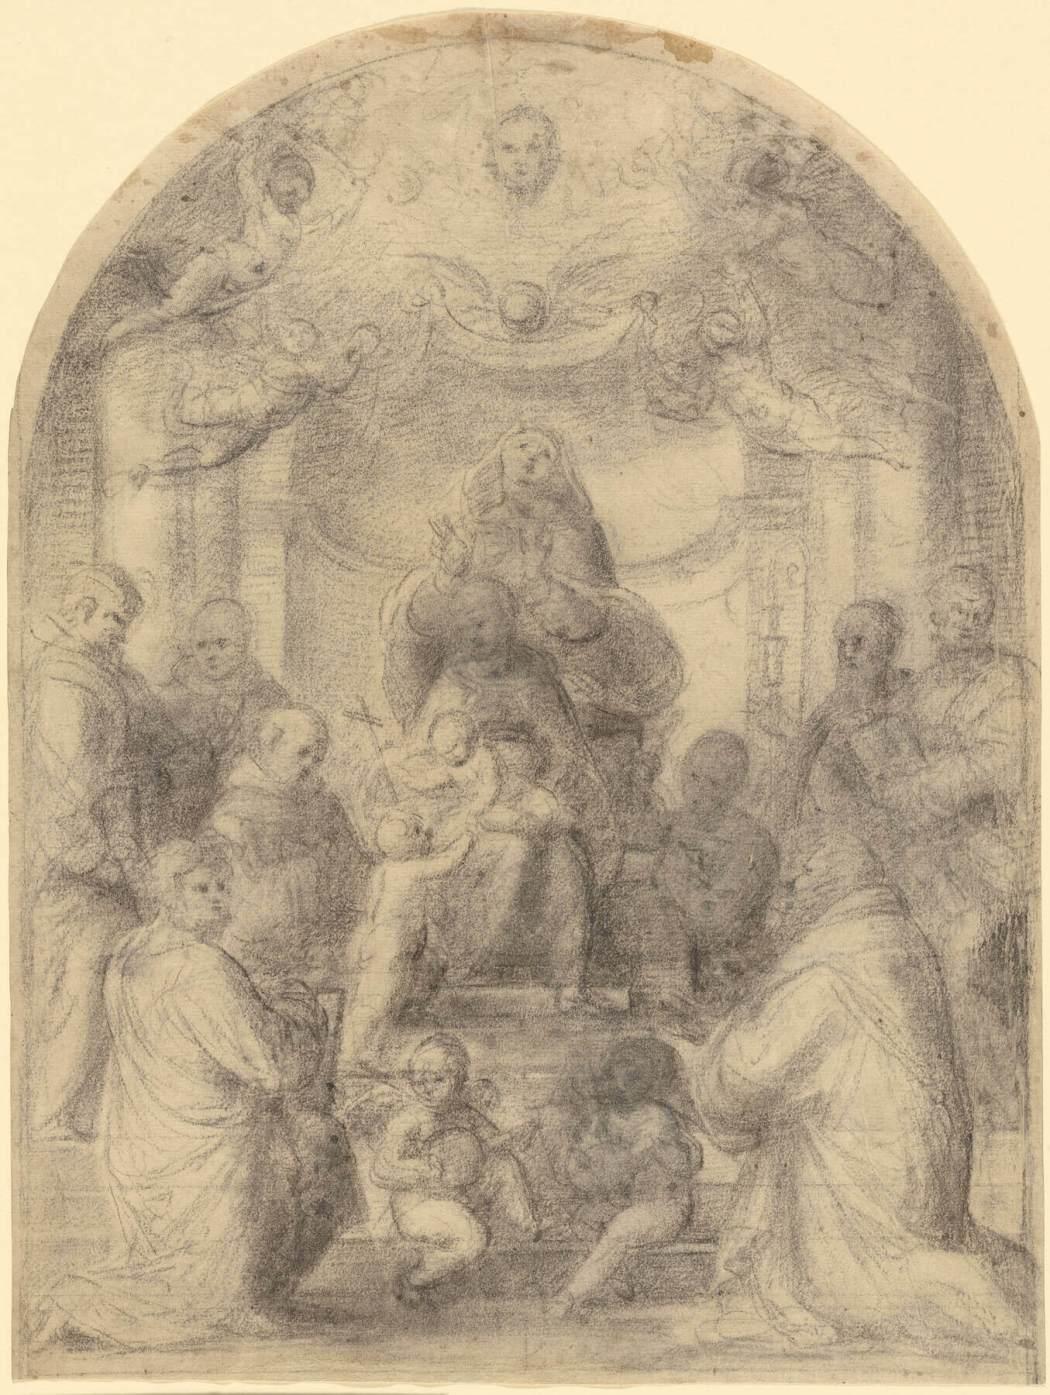 Fra Bartolommeo, Madonna en Kind met heiligen, 1510-1513, Zwart krijt met sporen van wit krijt. The J. Paul Getty Museum Los Angeles